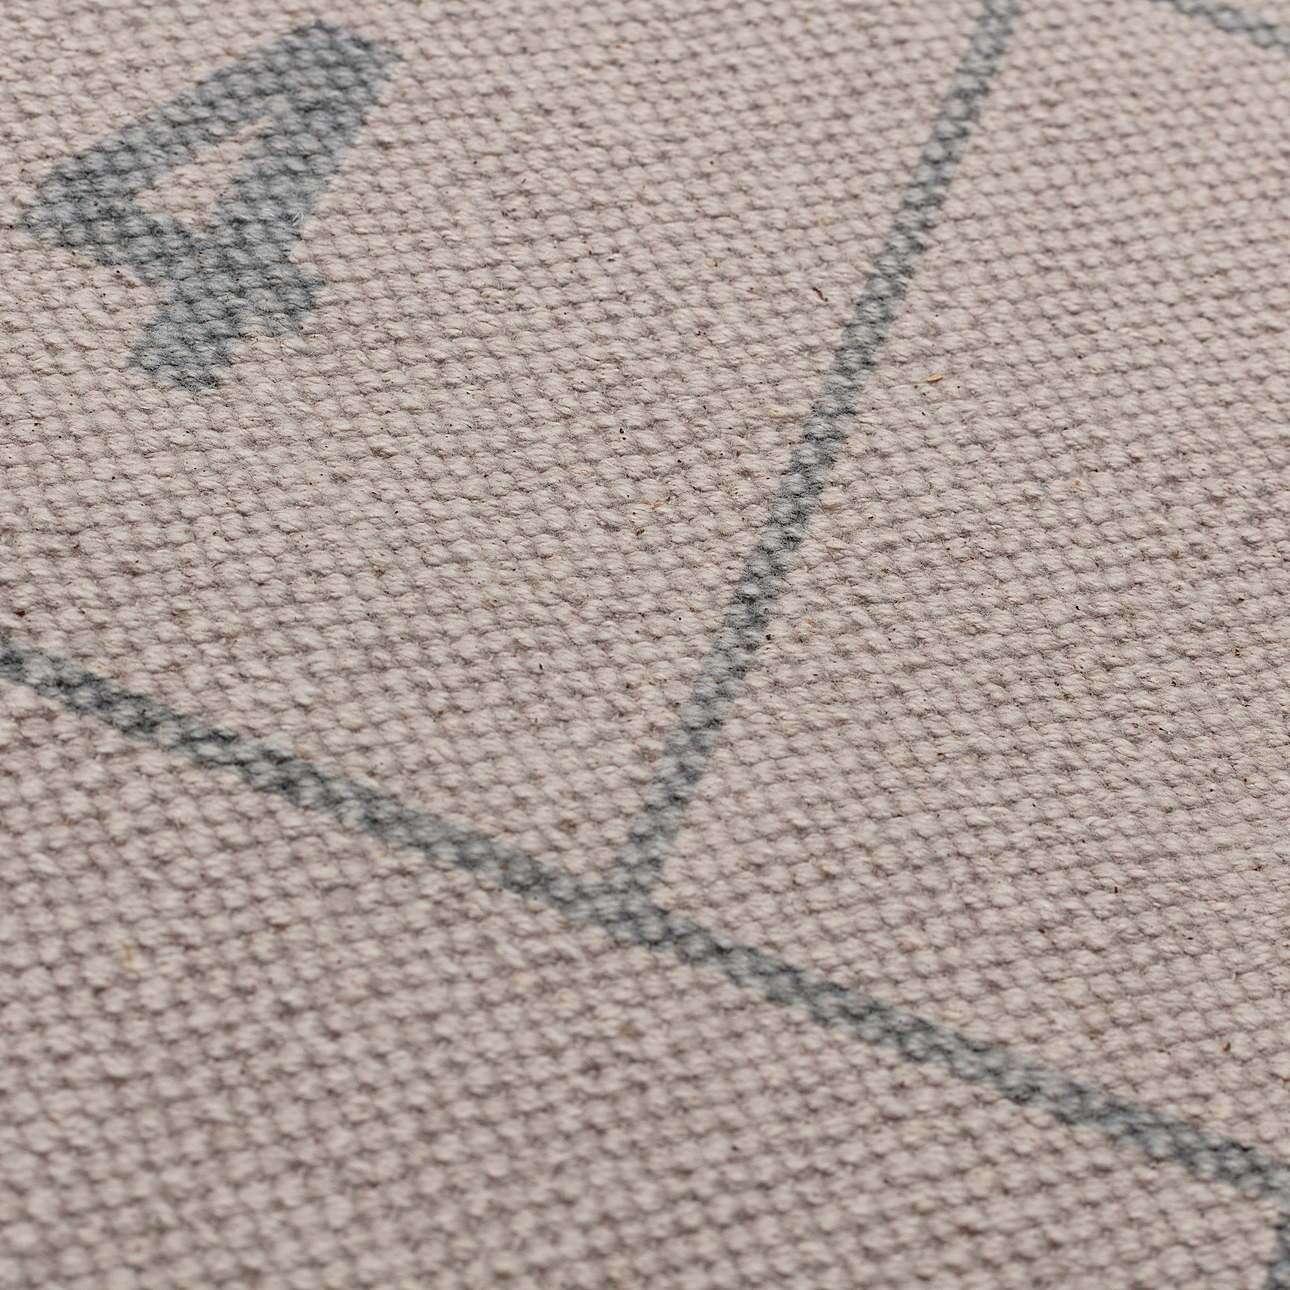 Hopscotch rug 65.5x170cm